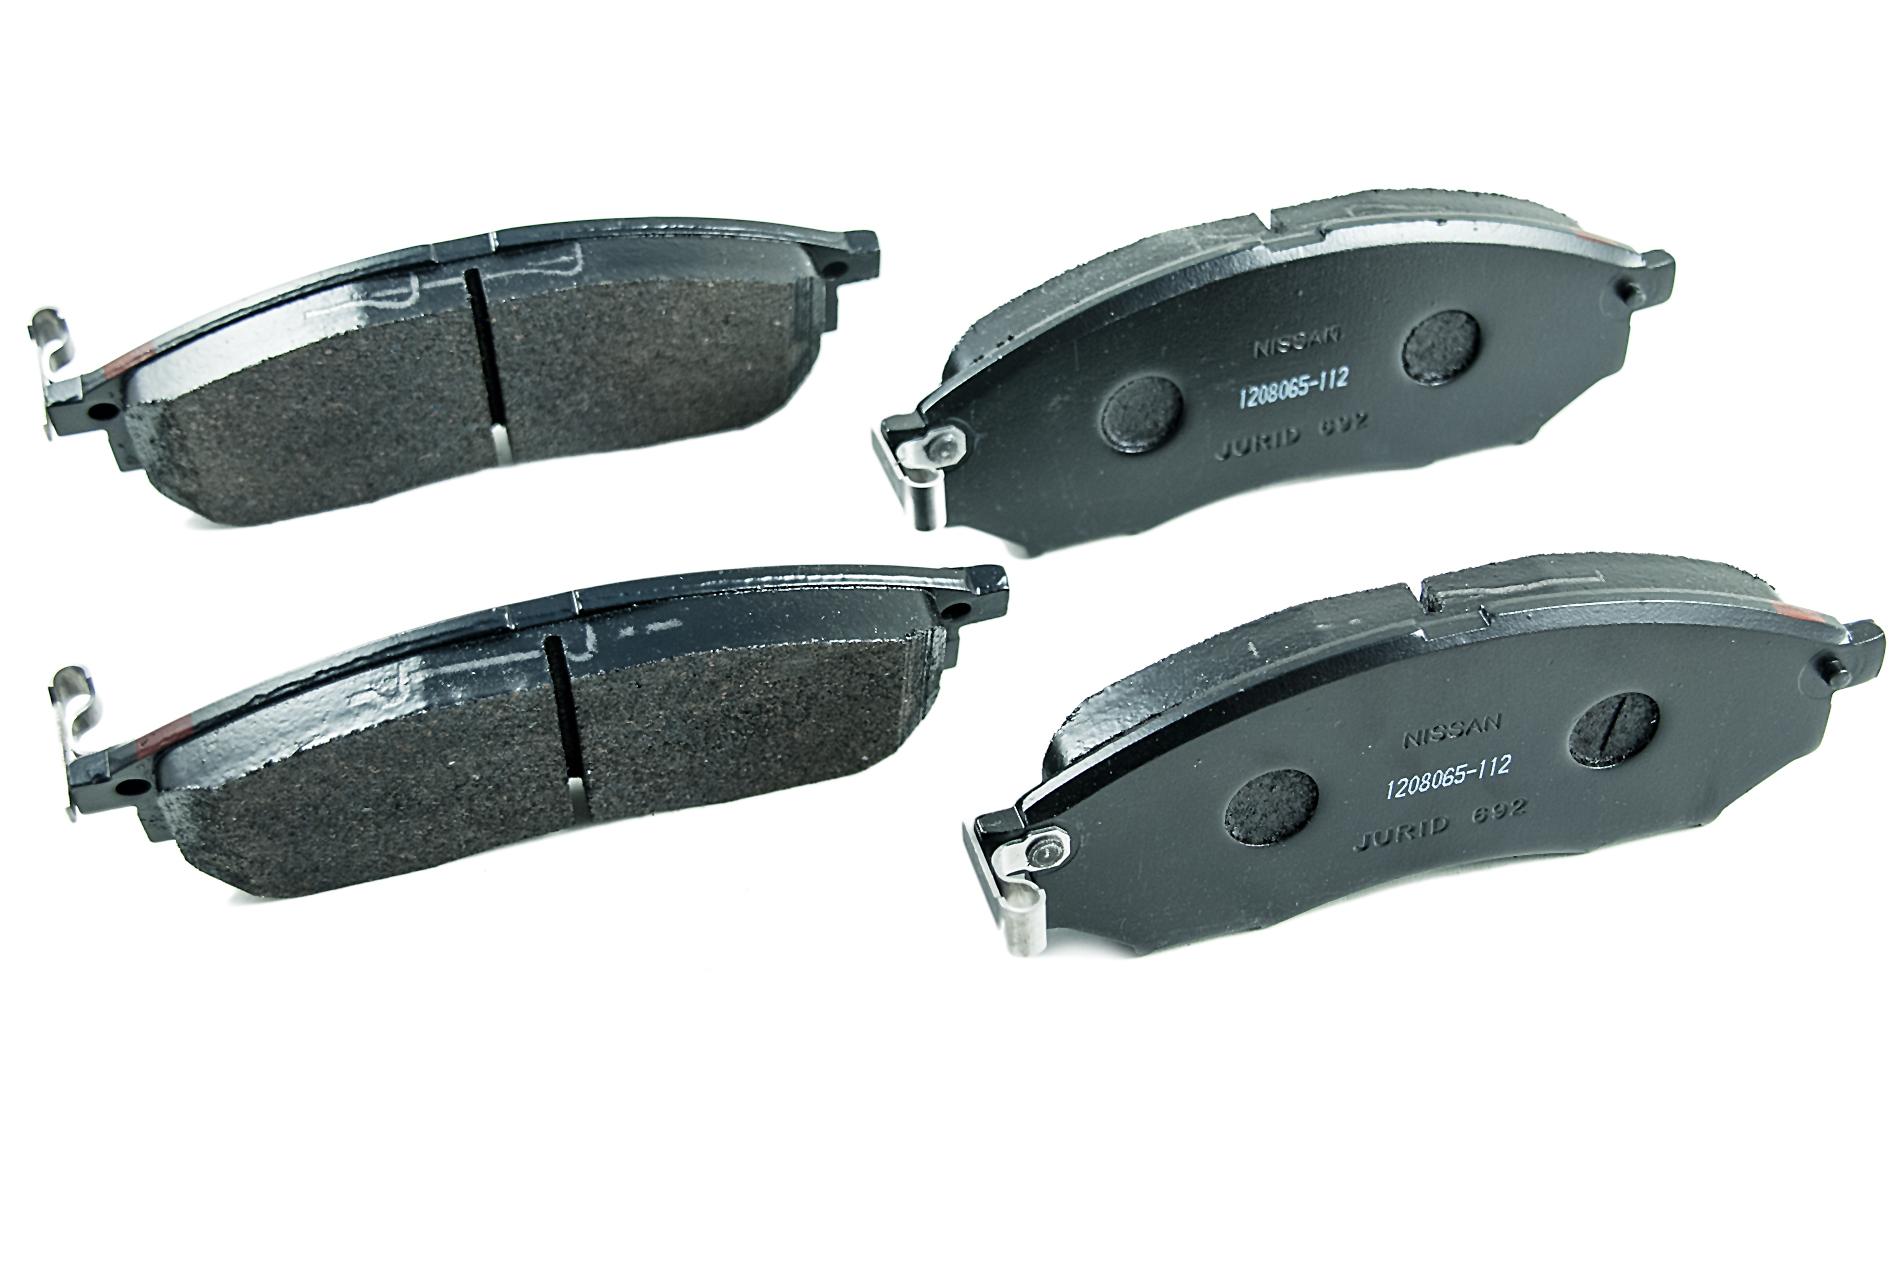 Brake Pad Replacement : Nissan genuine navara pathfinder front brake pads